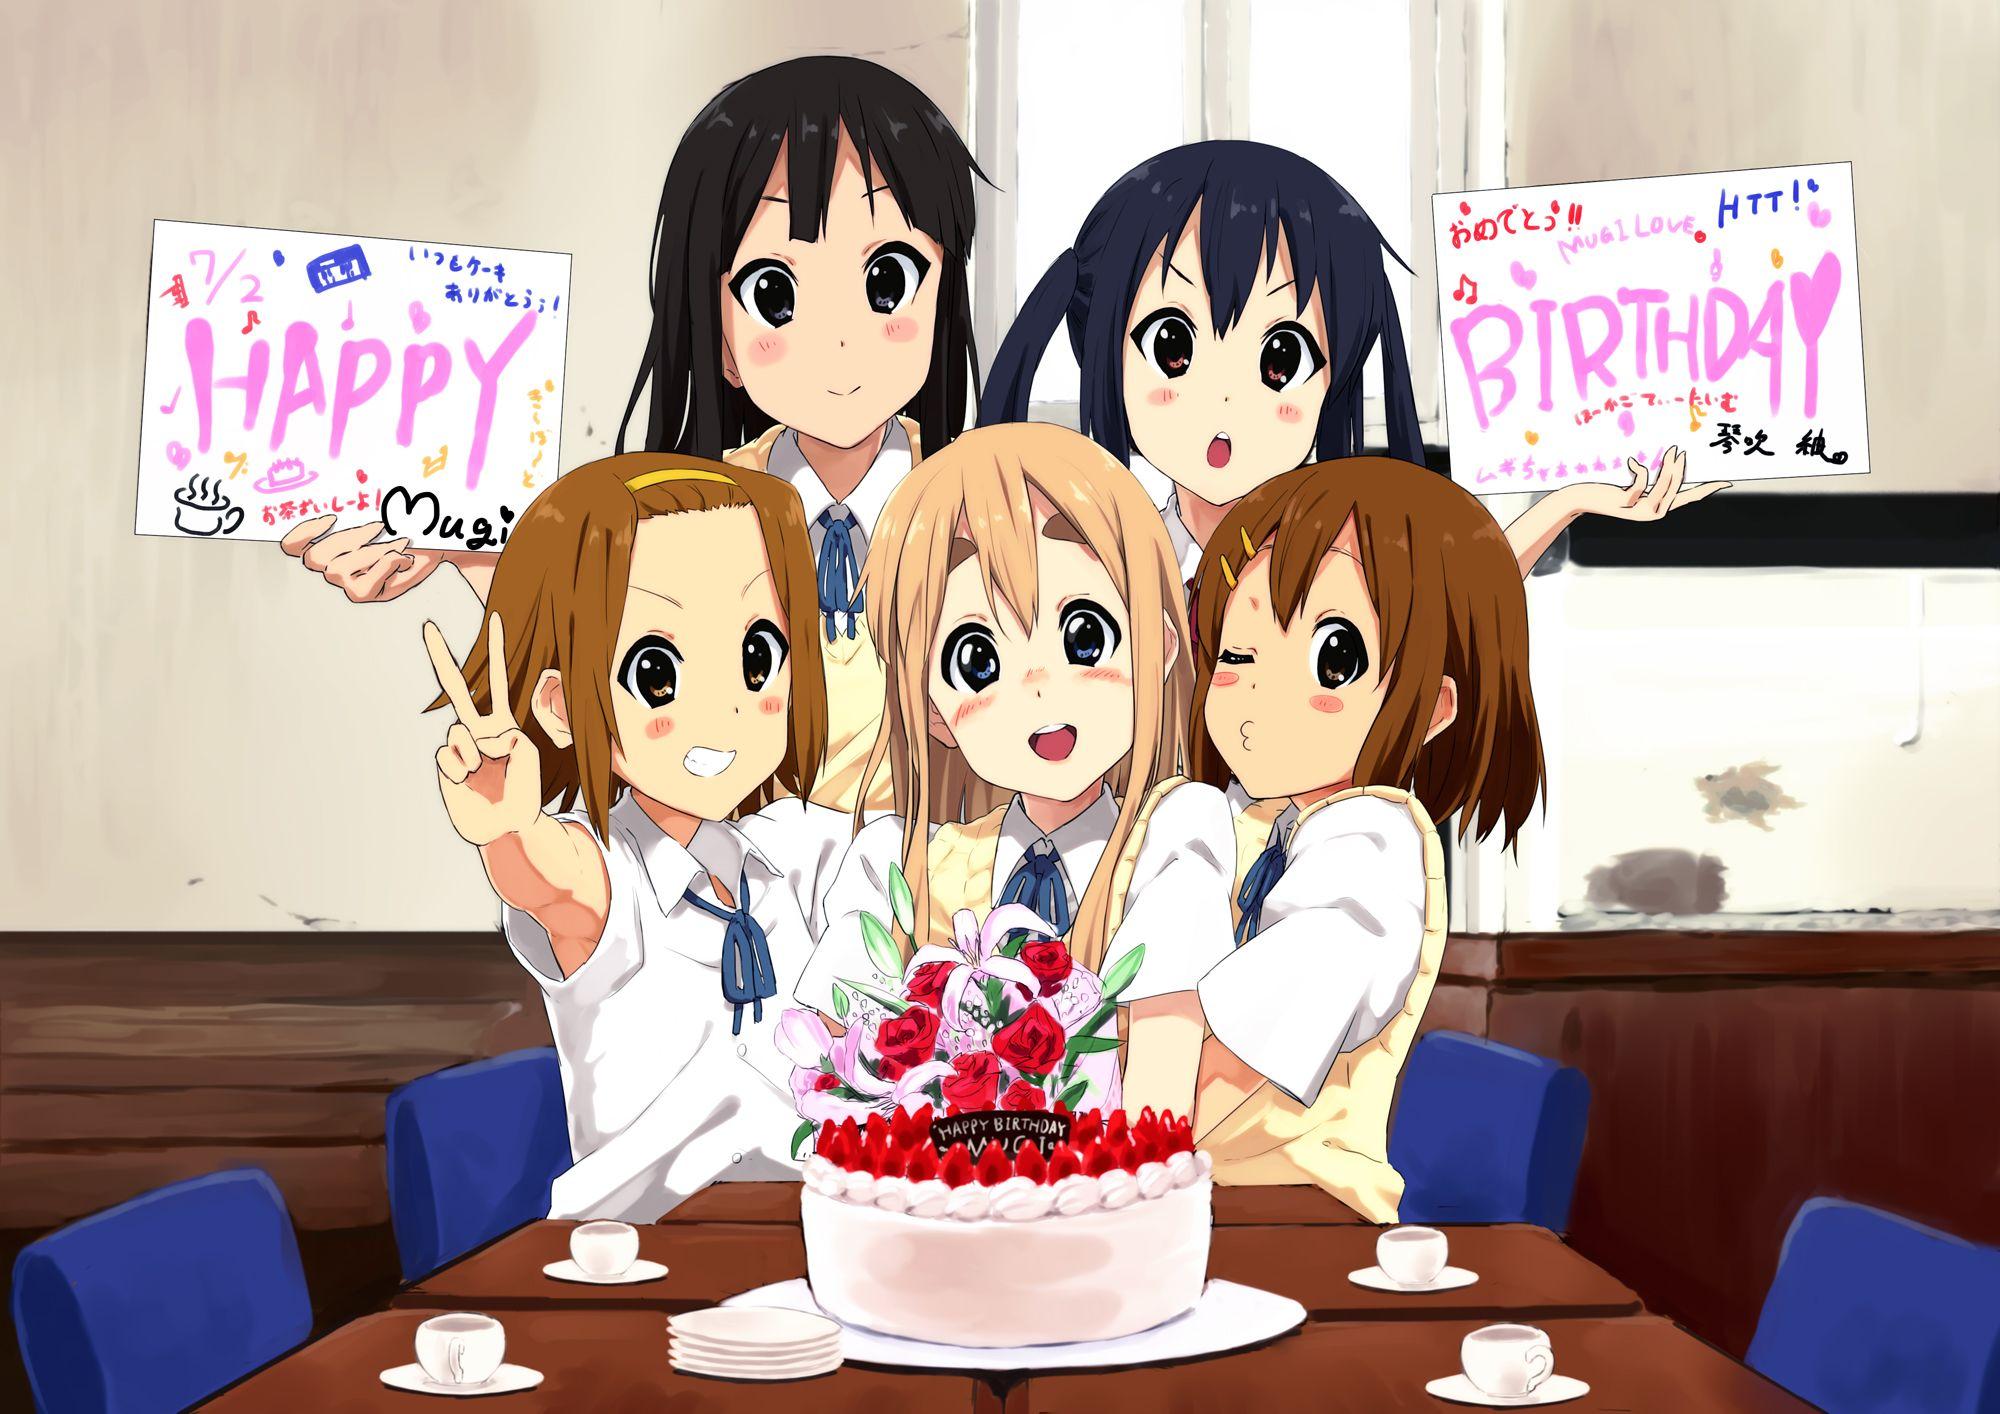 Открытки с днем рождения для аниме, смешные картинки красивые